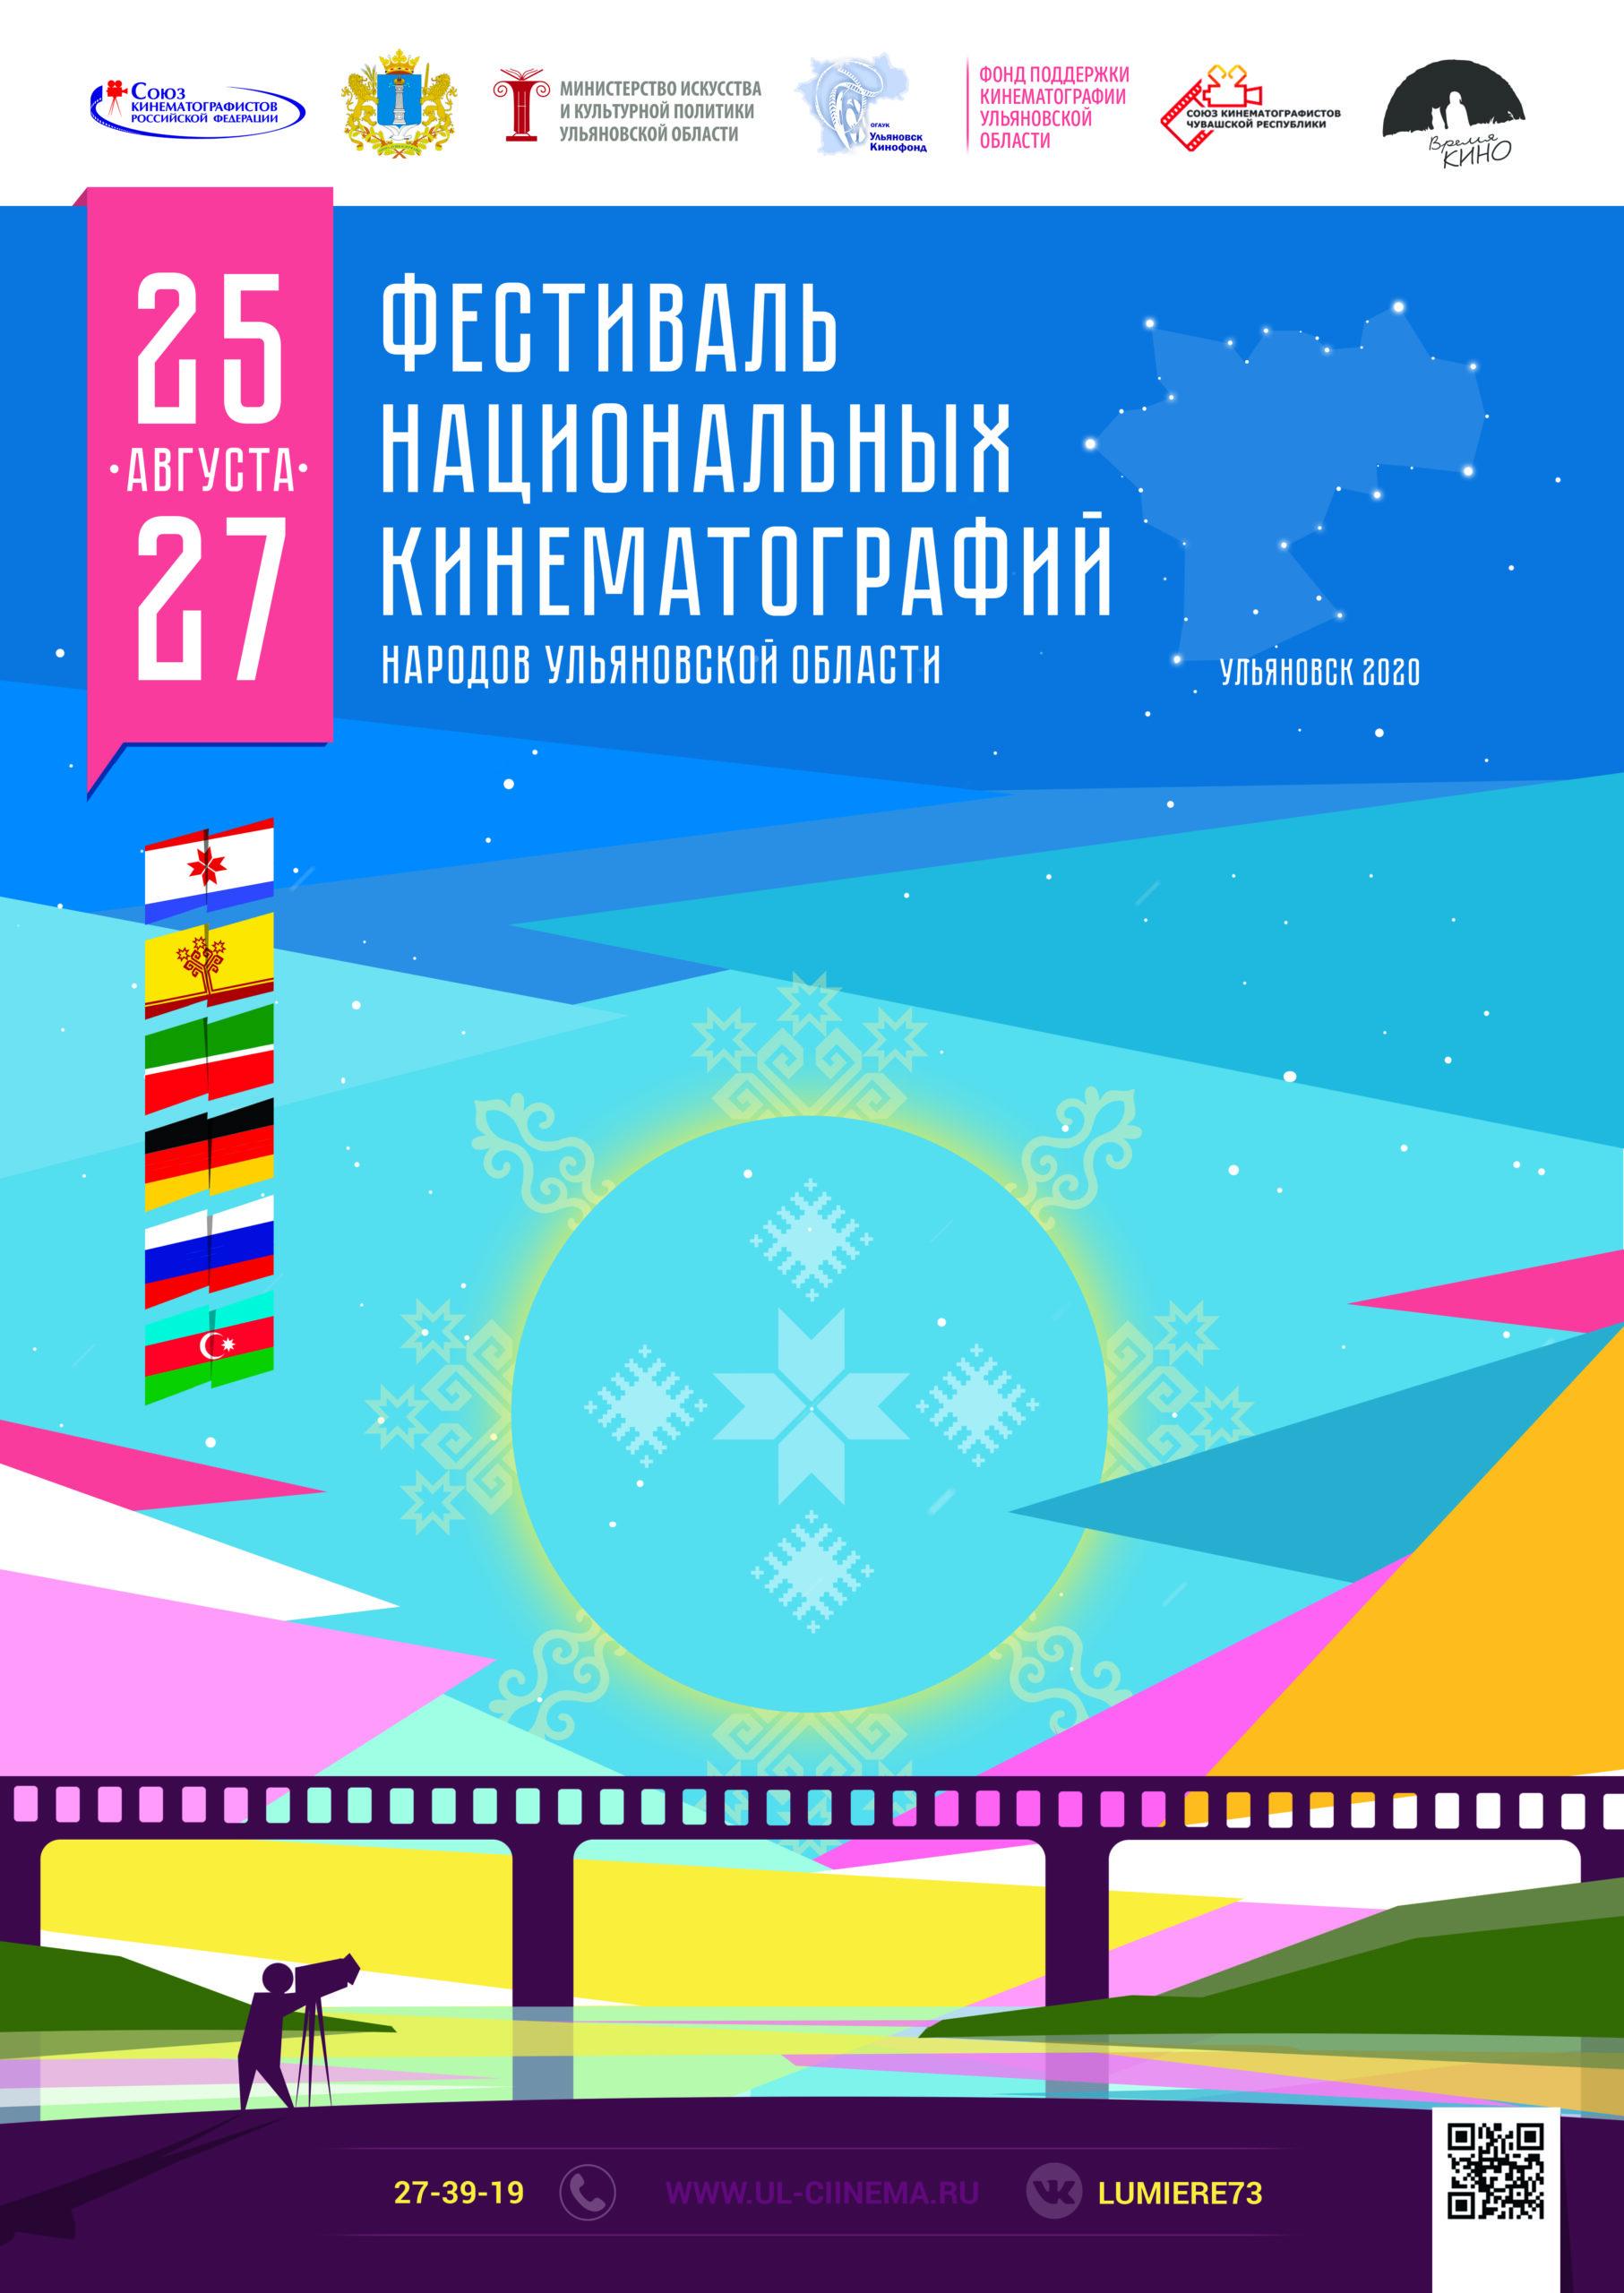 Фестиваль национальных кинематографий народов региона, программа